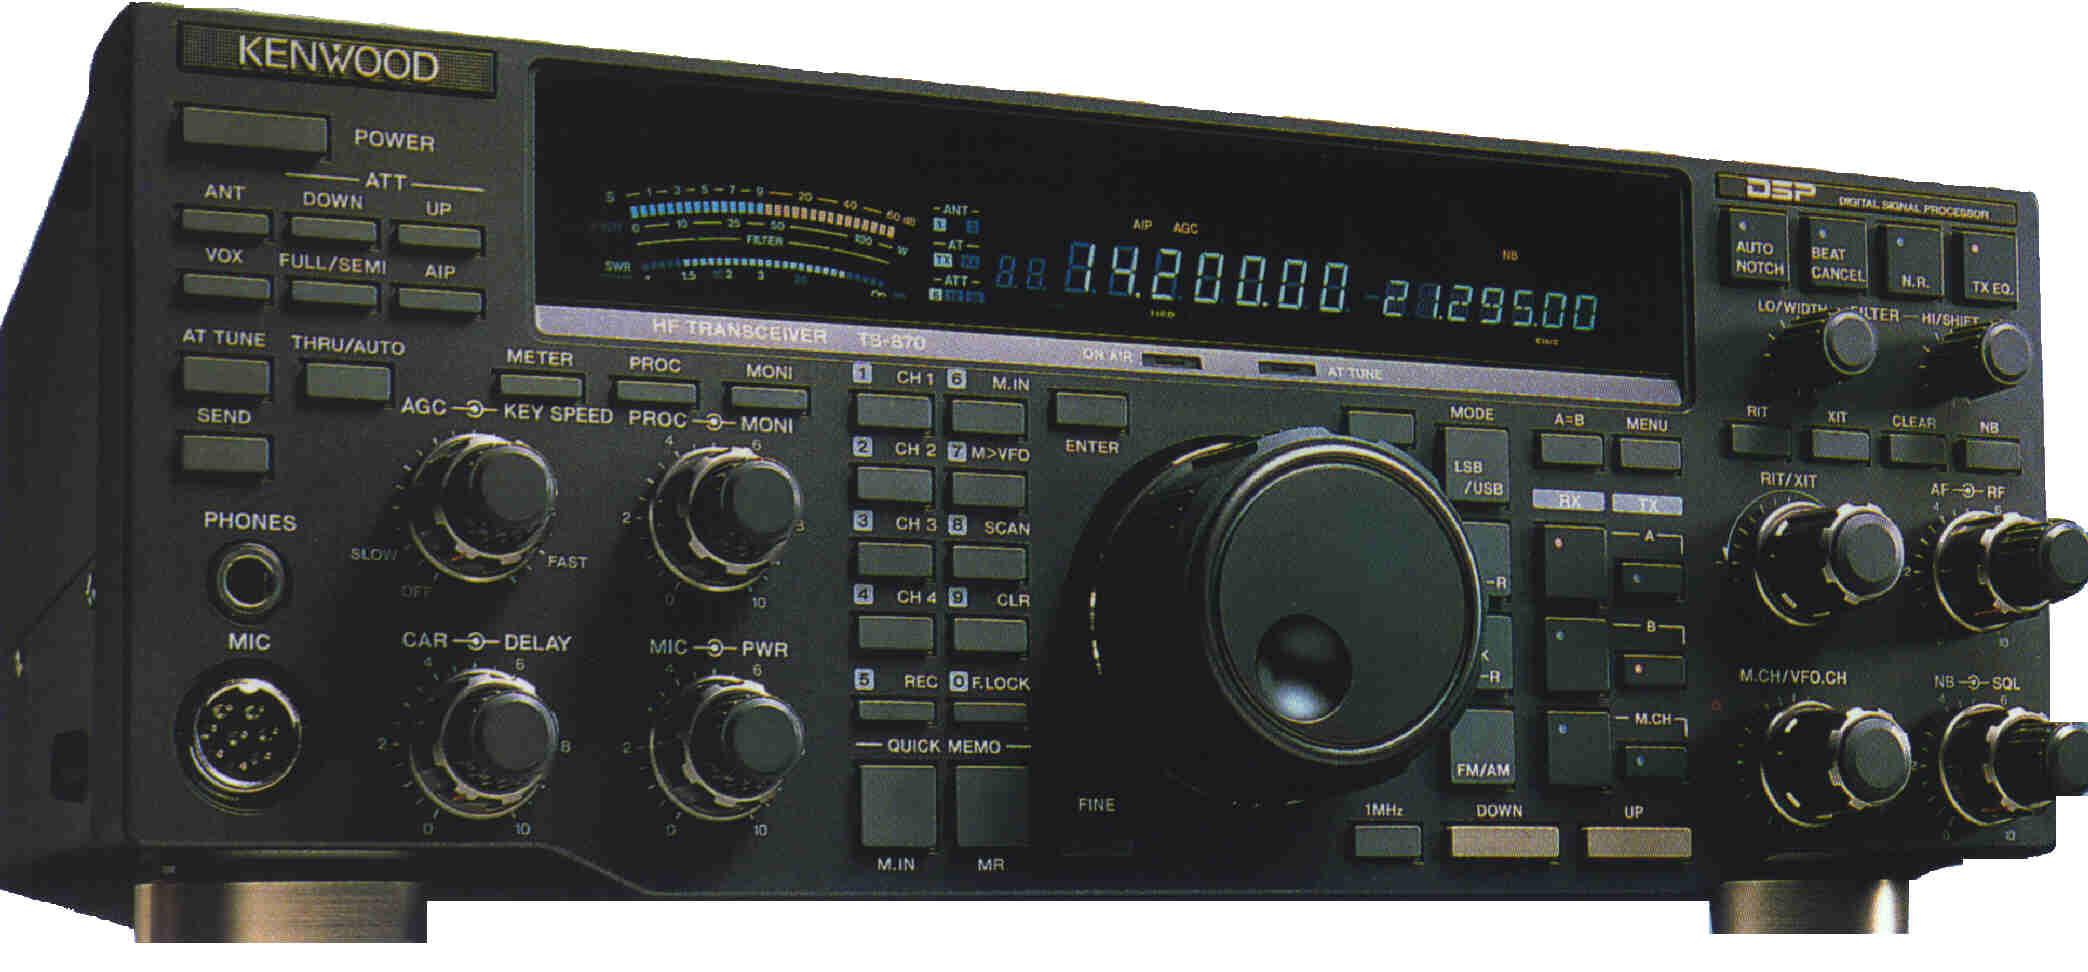 Kenwood TS870S